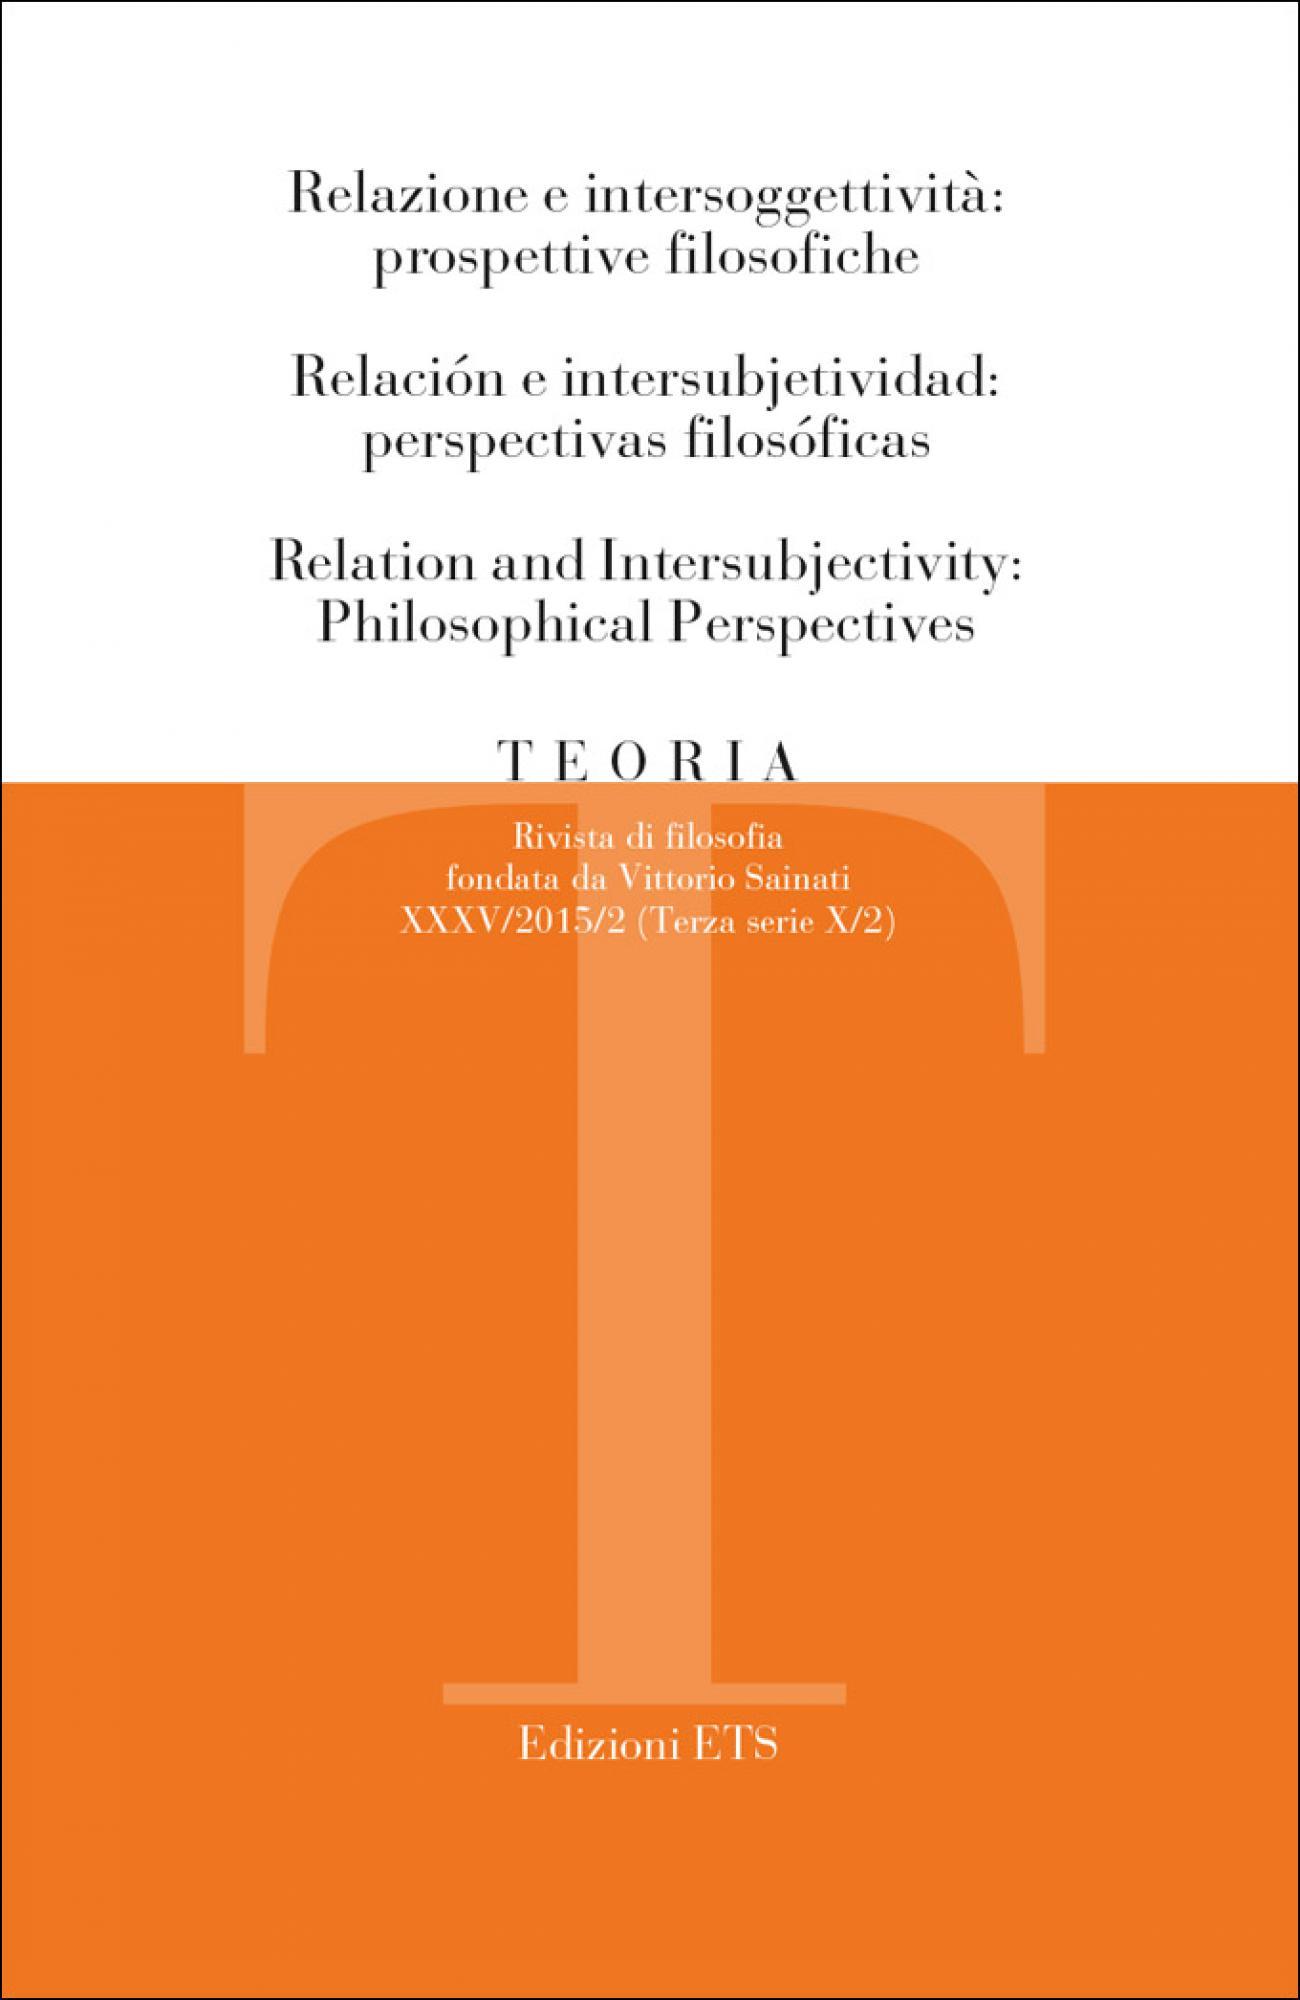 Copertina di Relazione e intersoggettività – Teoria 2015 issue 2